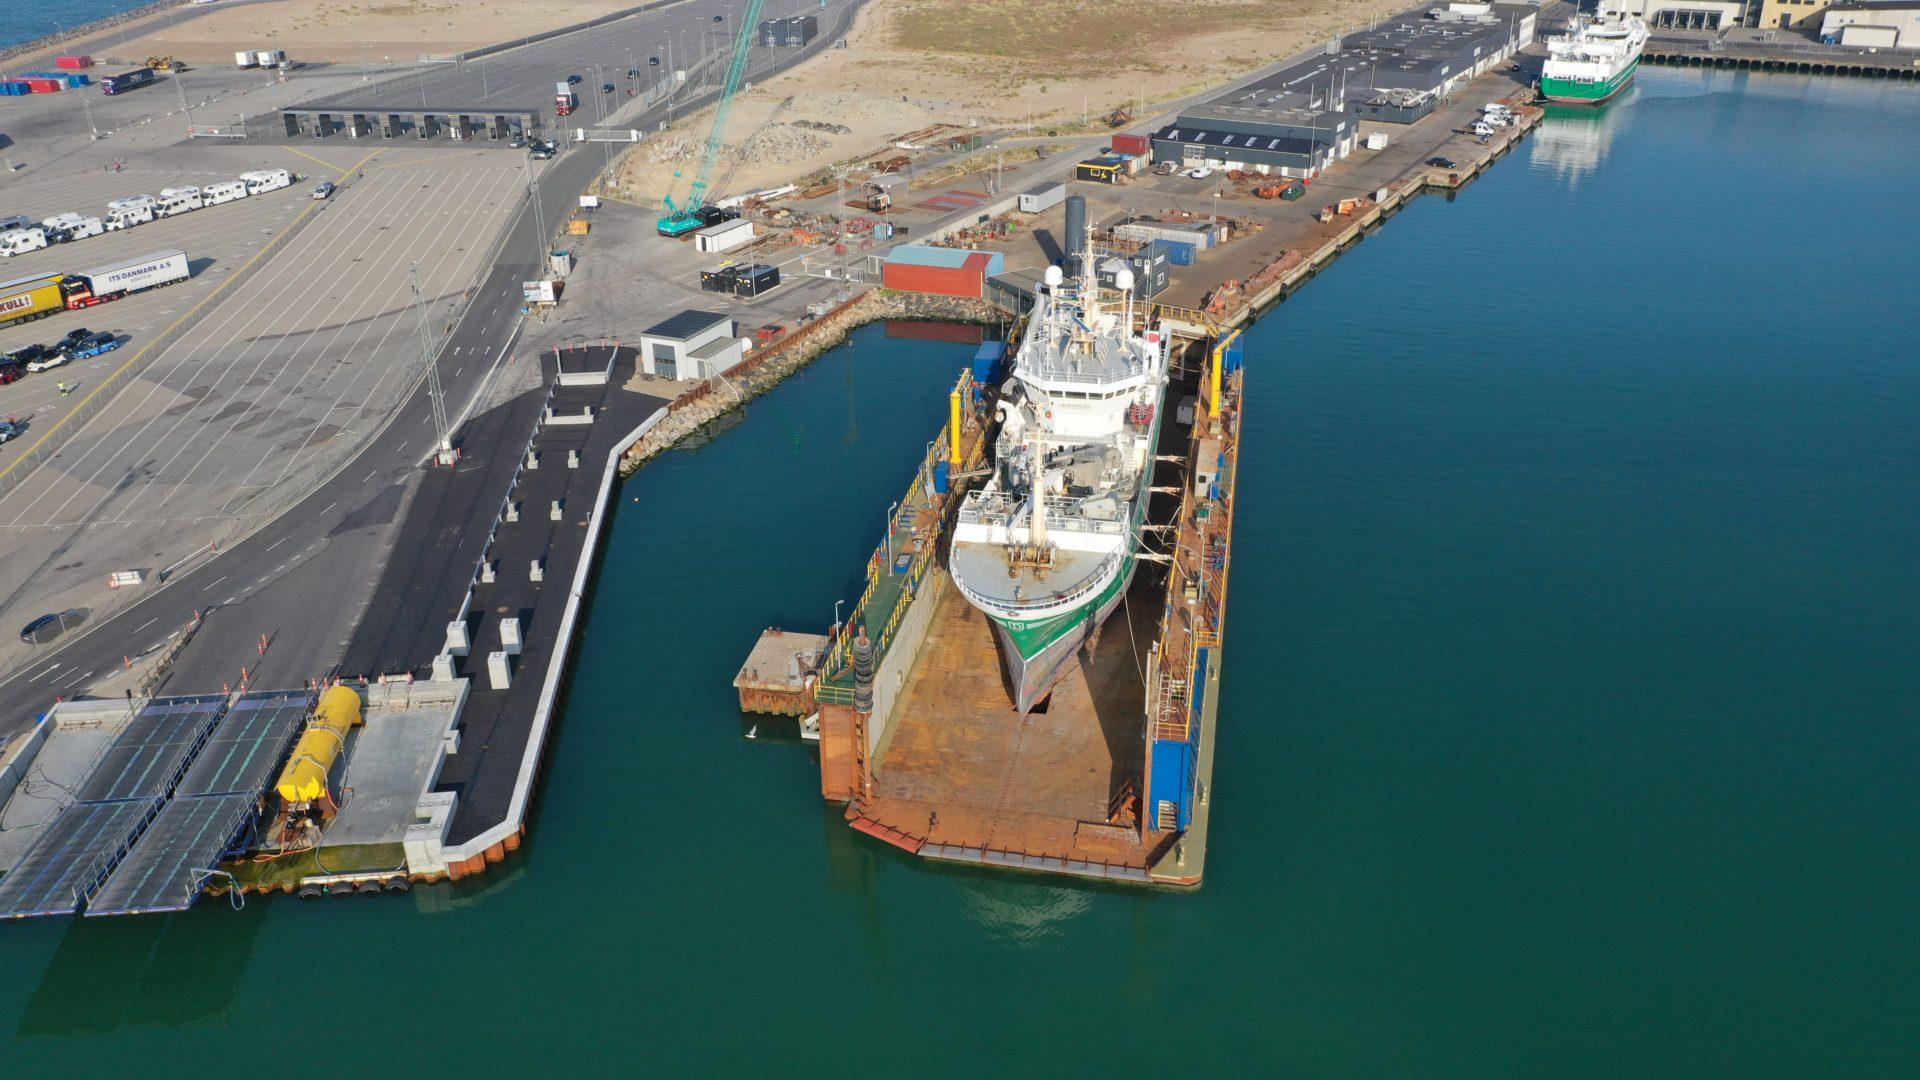 Case-Hirtshals-Havn-Færgeleje-4-A1-Consult